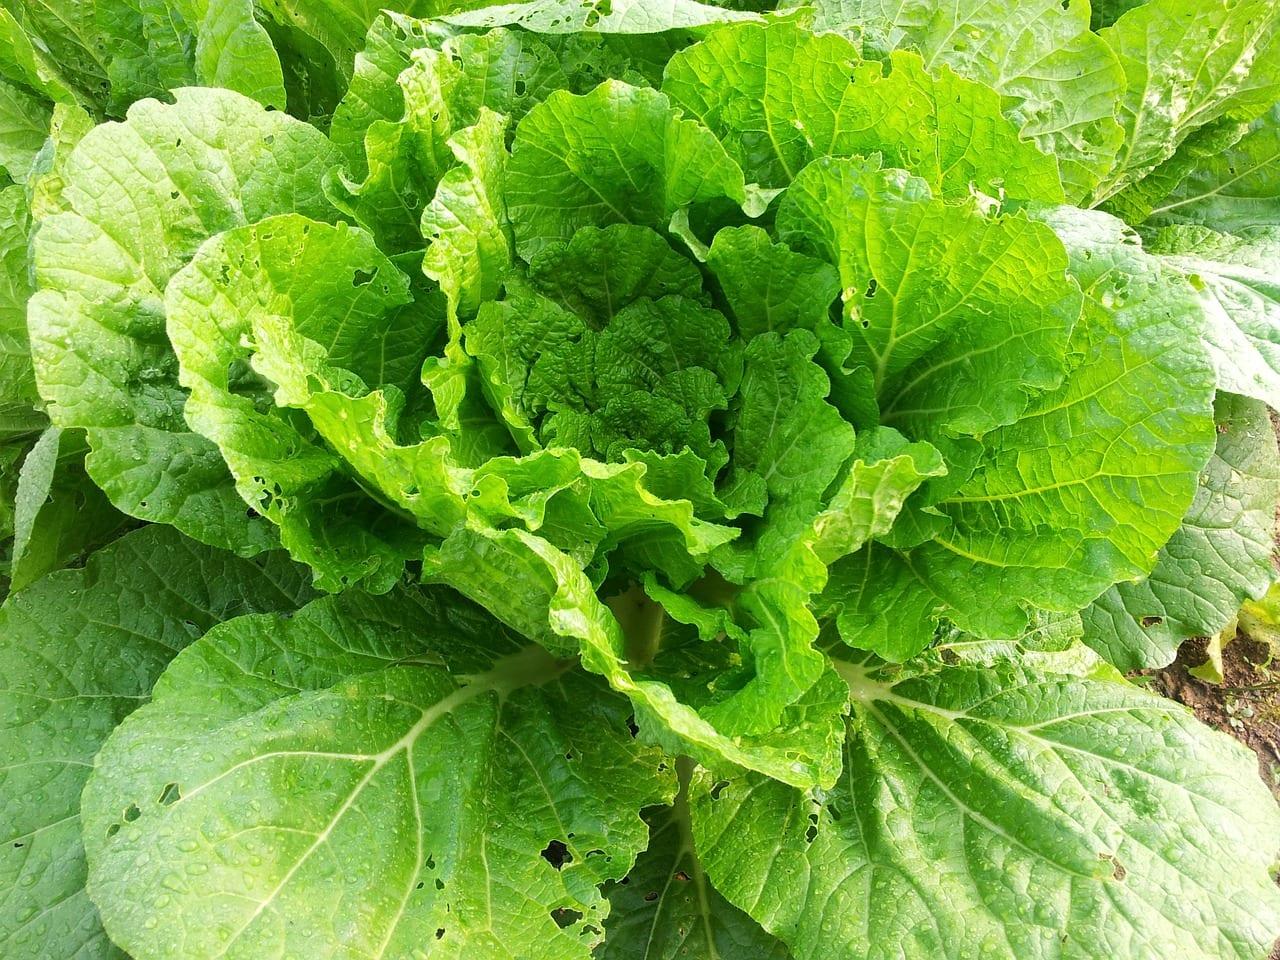 La col china es una planta hortícola muy fácil de cuidar